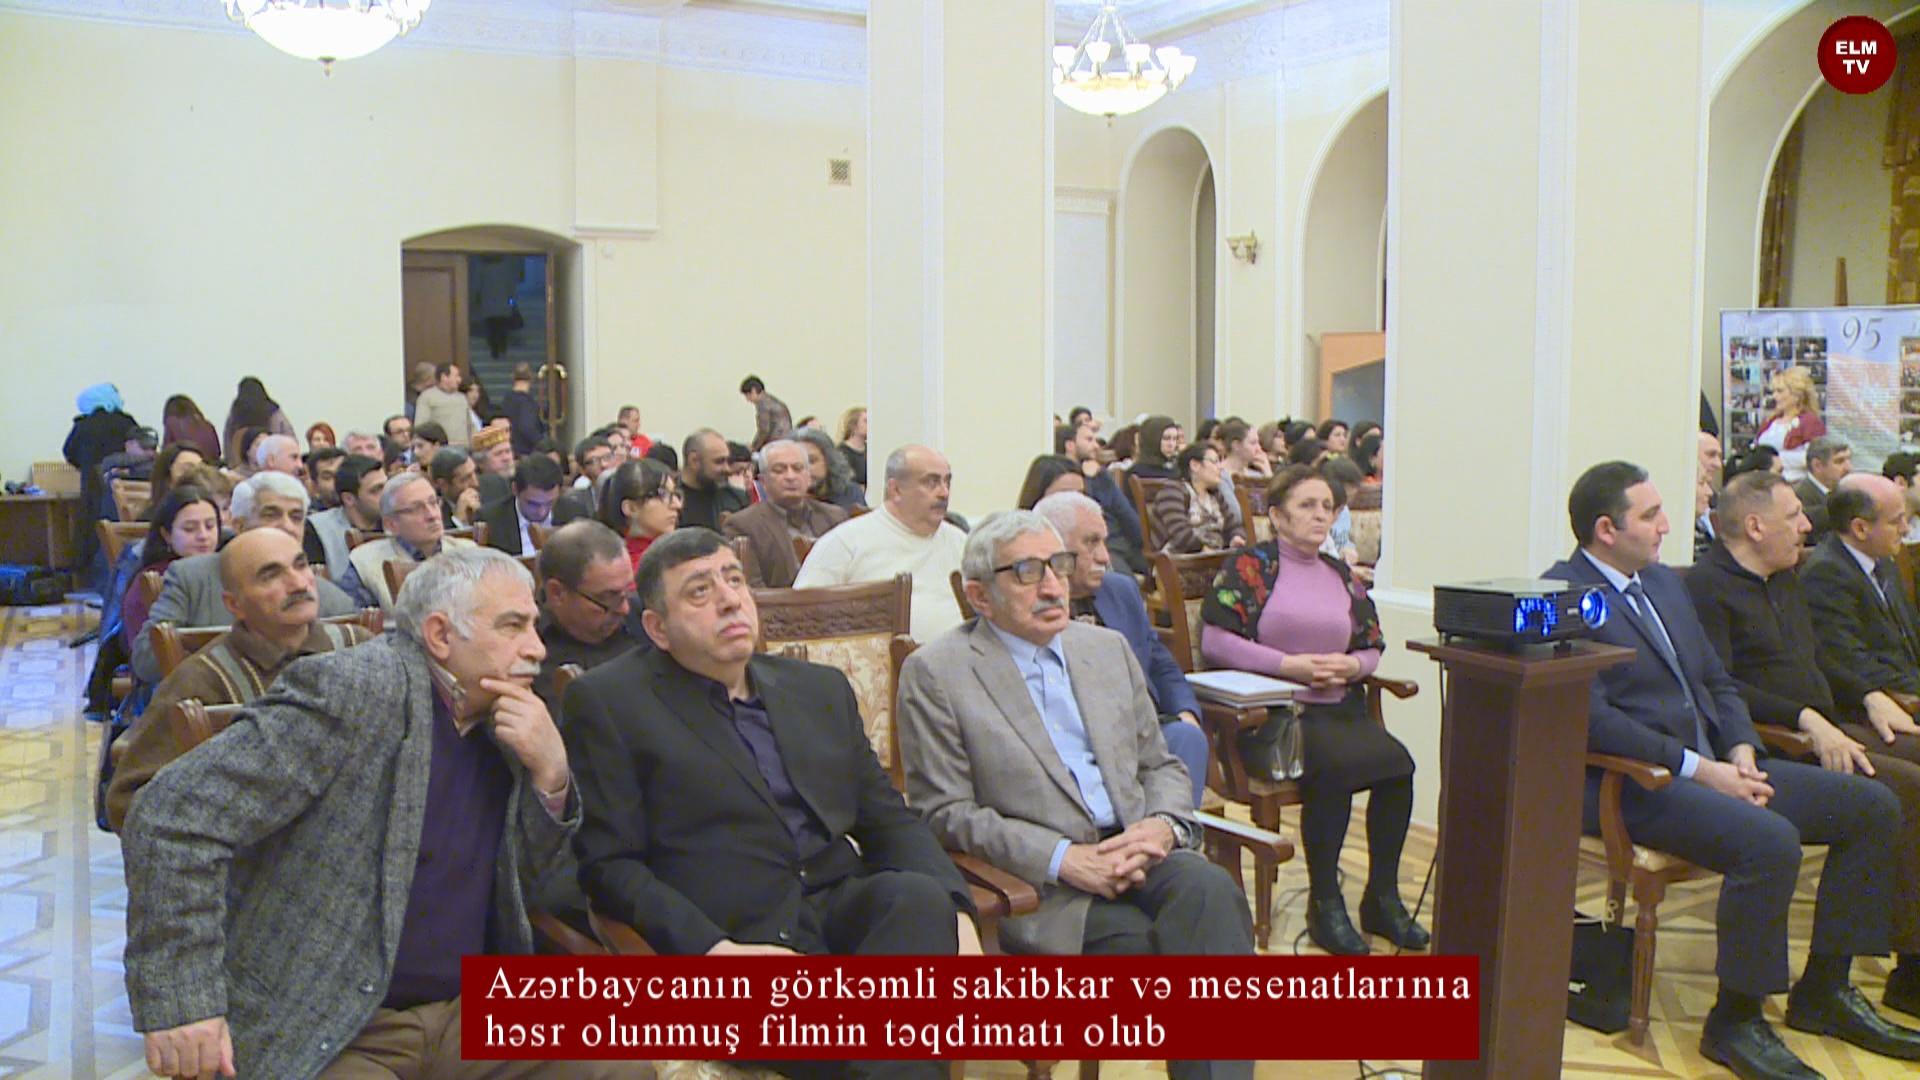 Azərbaycanın görkəmli sahibkar və messenatlarına həsr olunmuş filmin təqdimatı olub